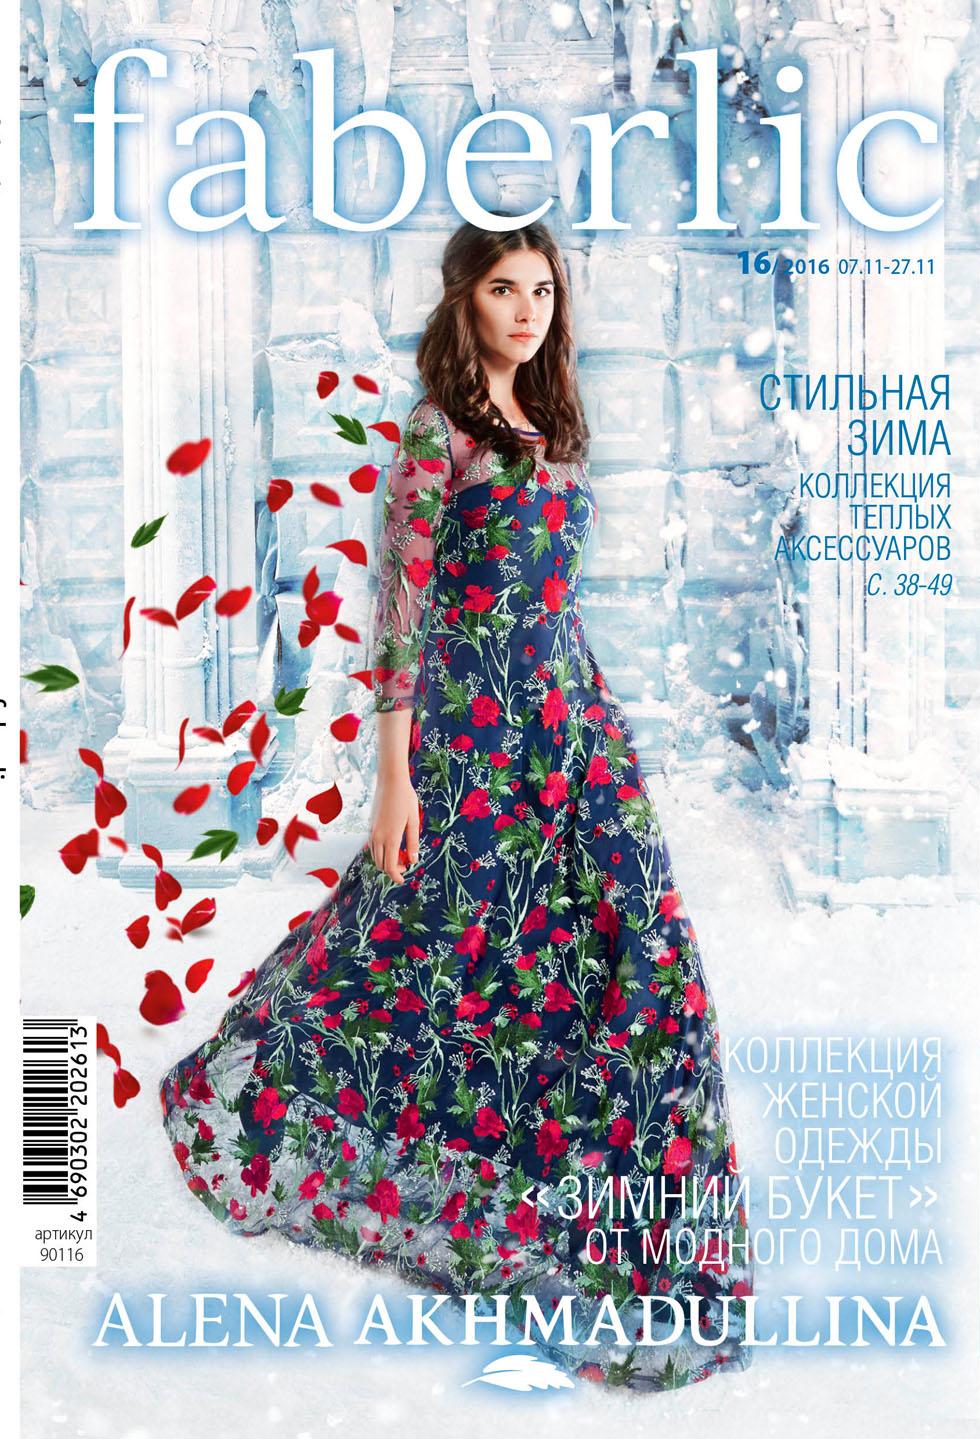 539a4768510 Коллекция одежды Фаберлик Зимний букет от Алены Ахмадуллиной доступна для  просмотра только зарегистрированным покупателям.